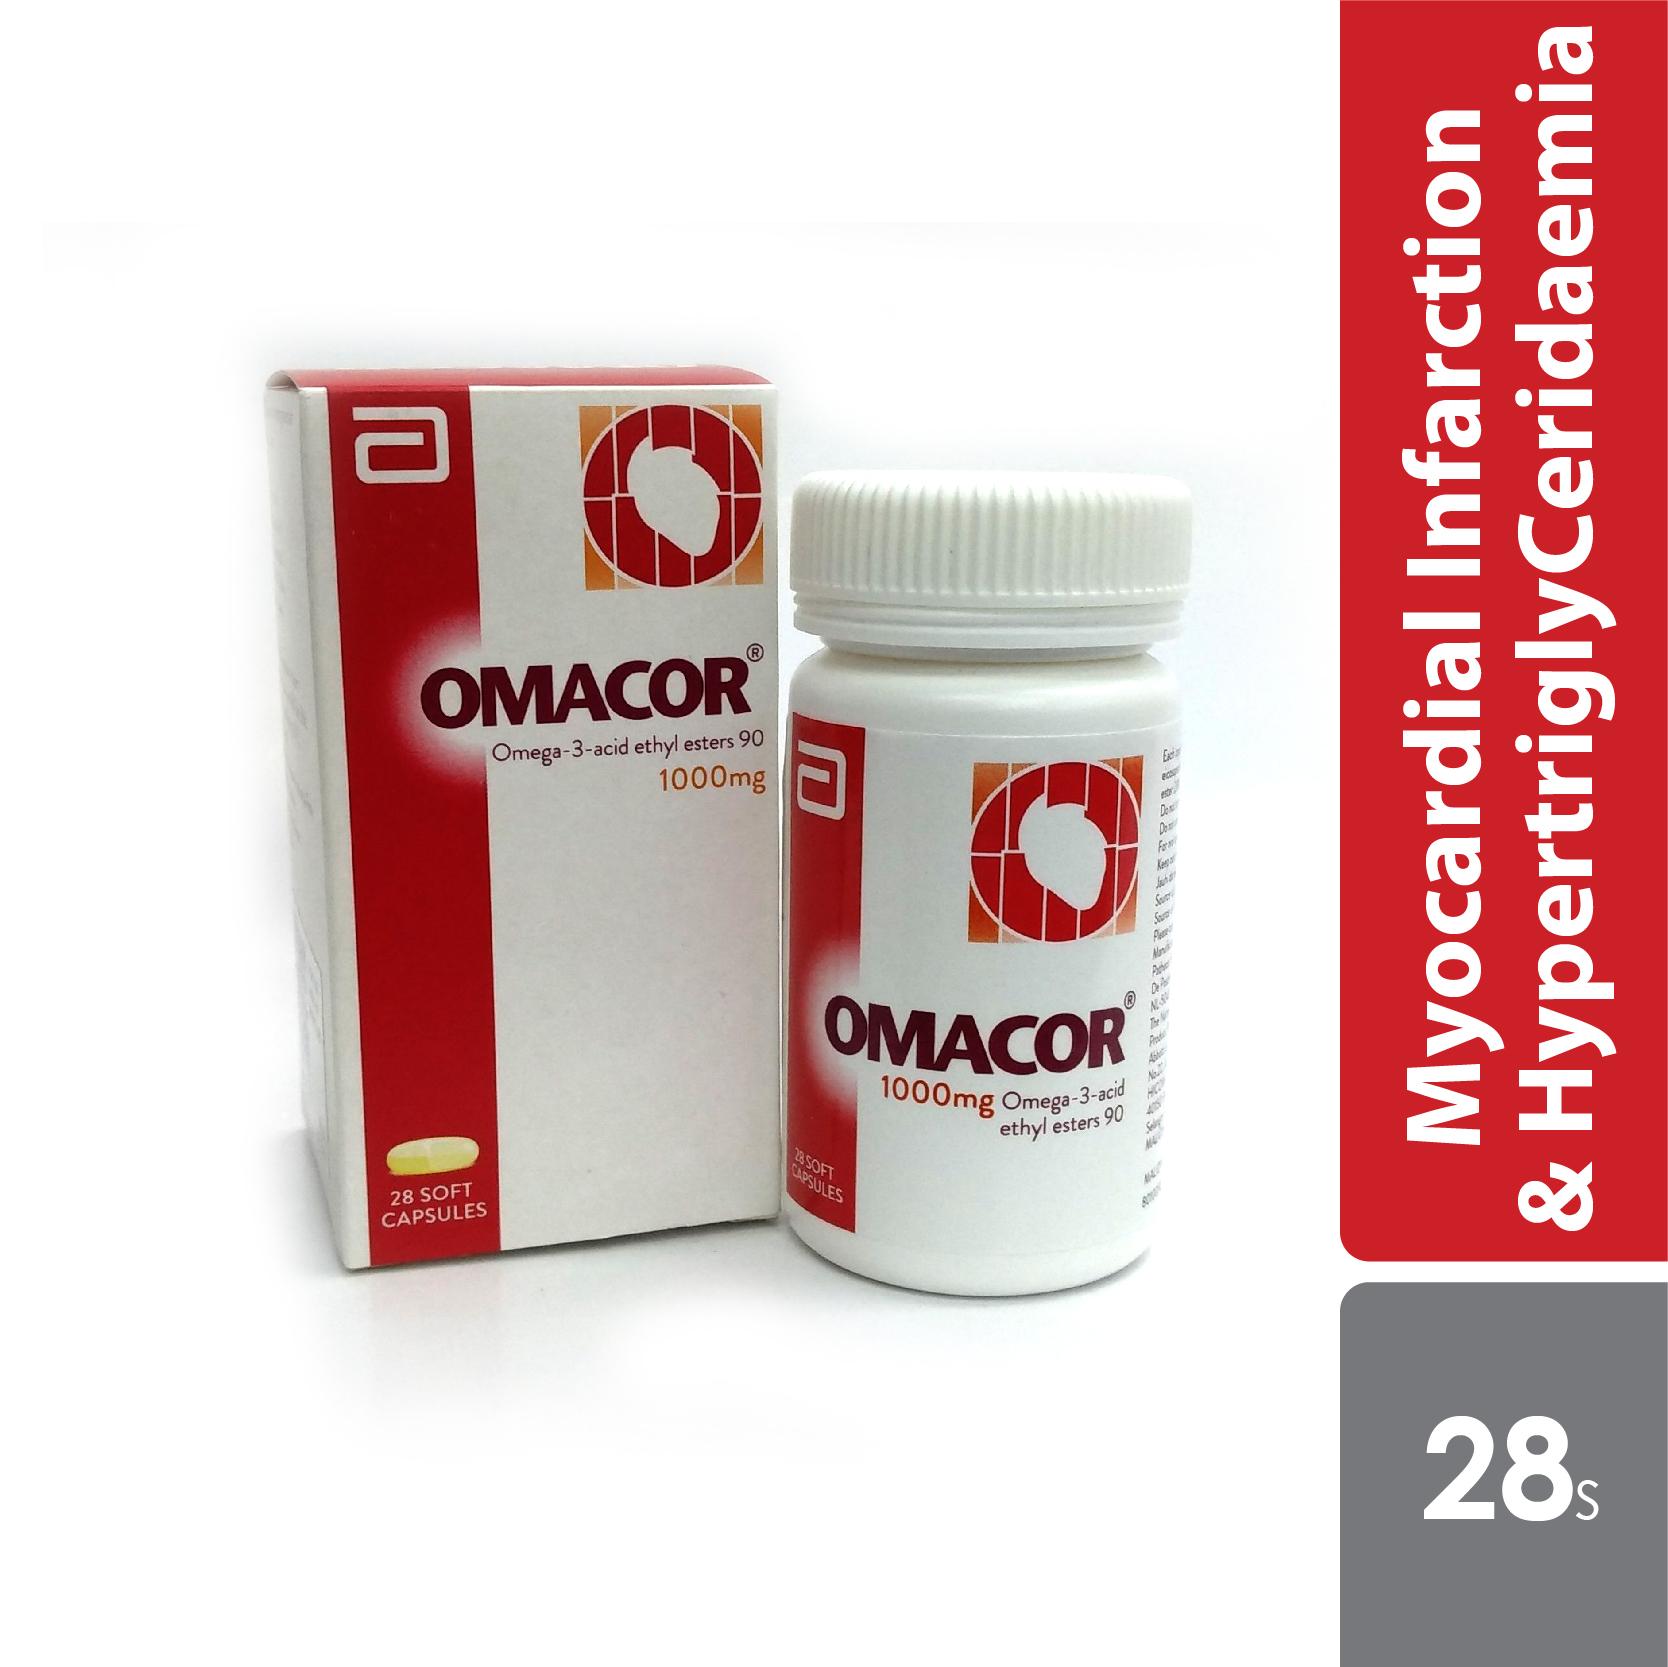 Omacor Omega-3 1000mg 28s - Alpro Pharmacy